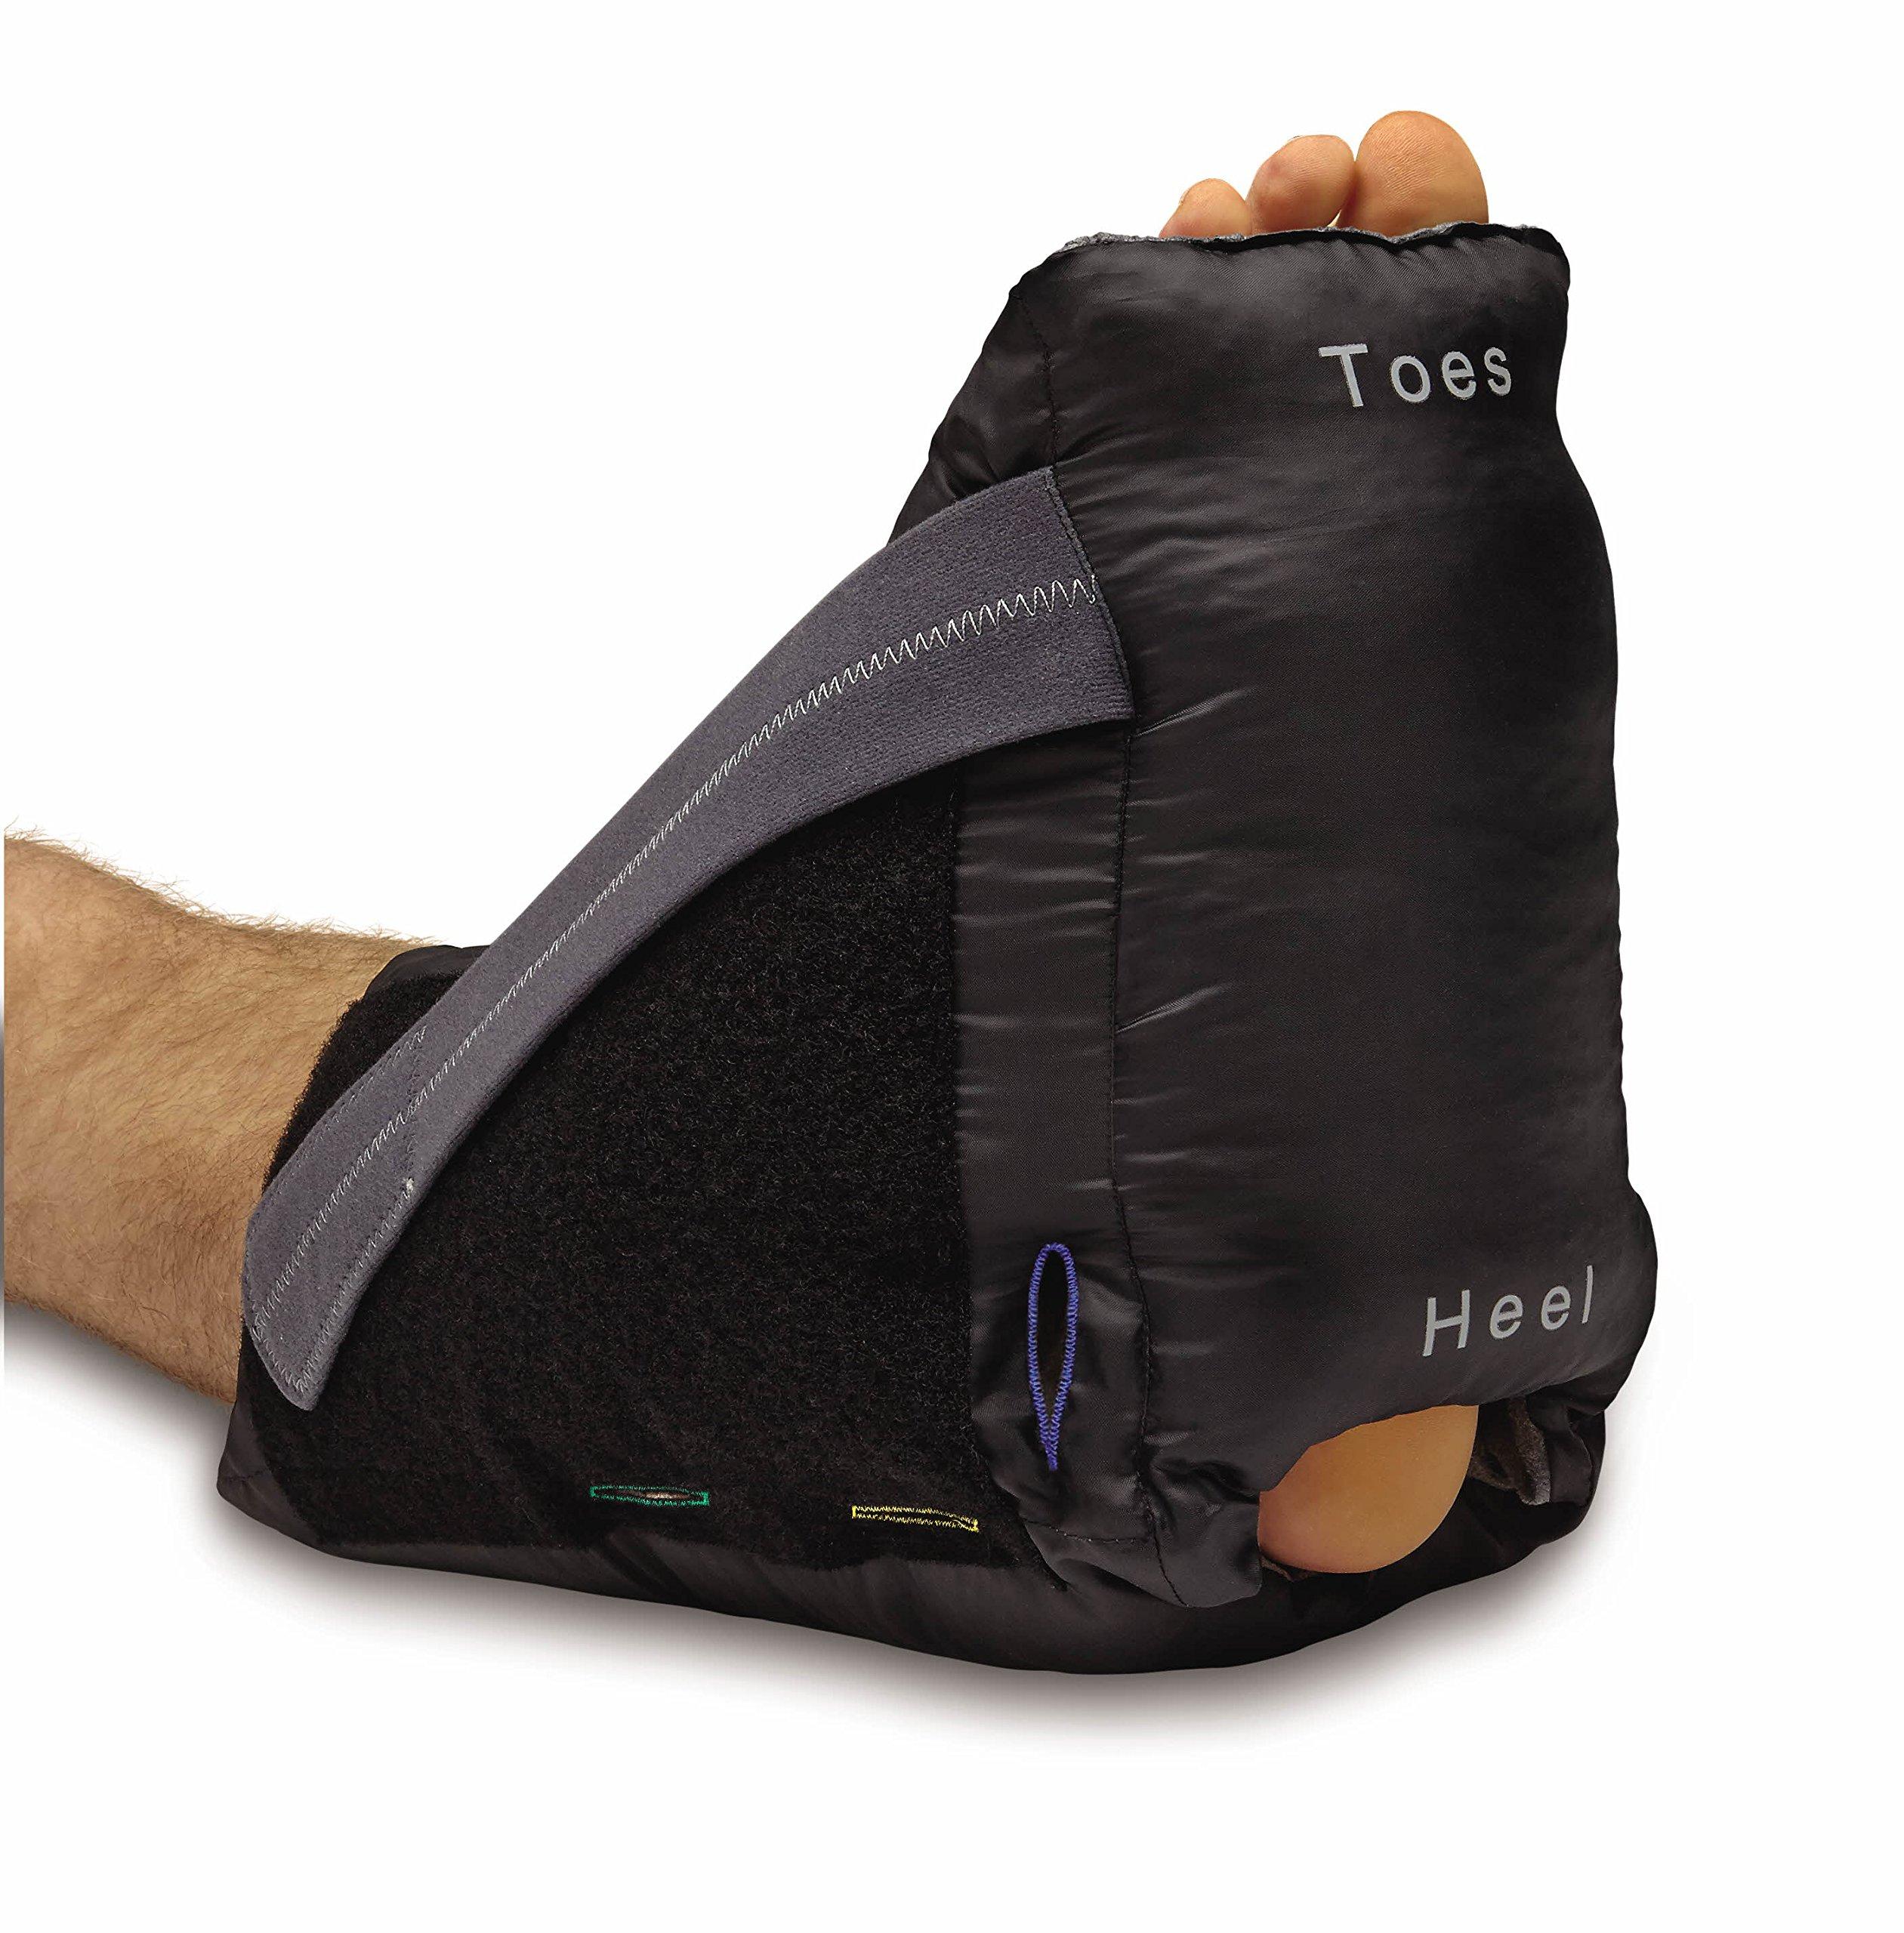 Medline Industries MDT823330 HEELMEDIX Heel Protectors